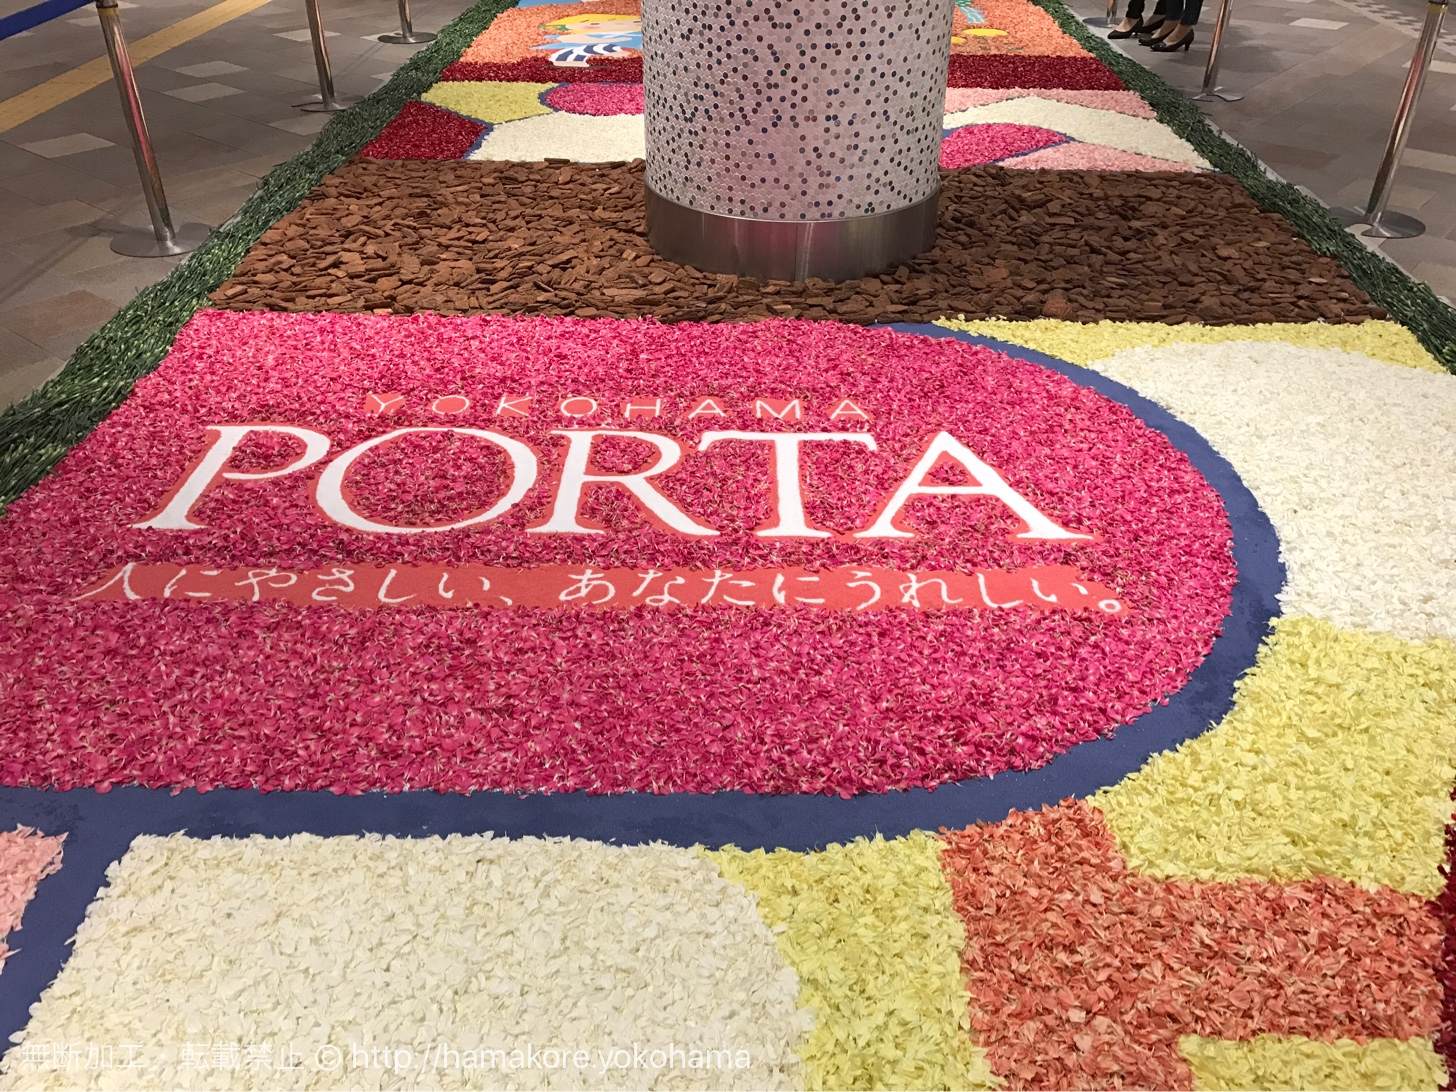 横浜ポルタのたくさんの花で描かれた「ポルタインフィオラータ」が美しかった!